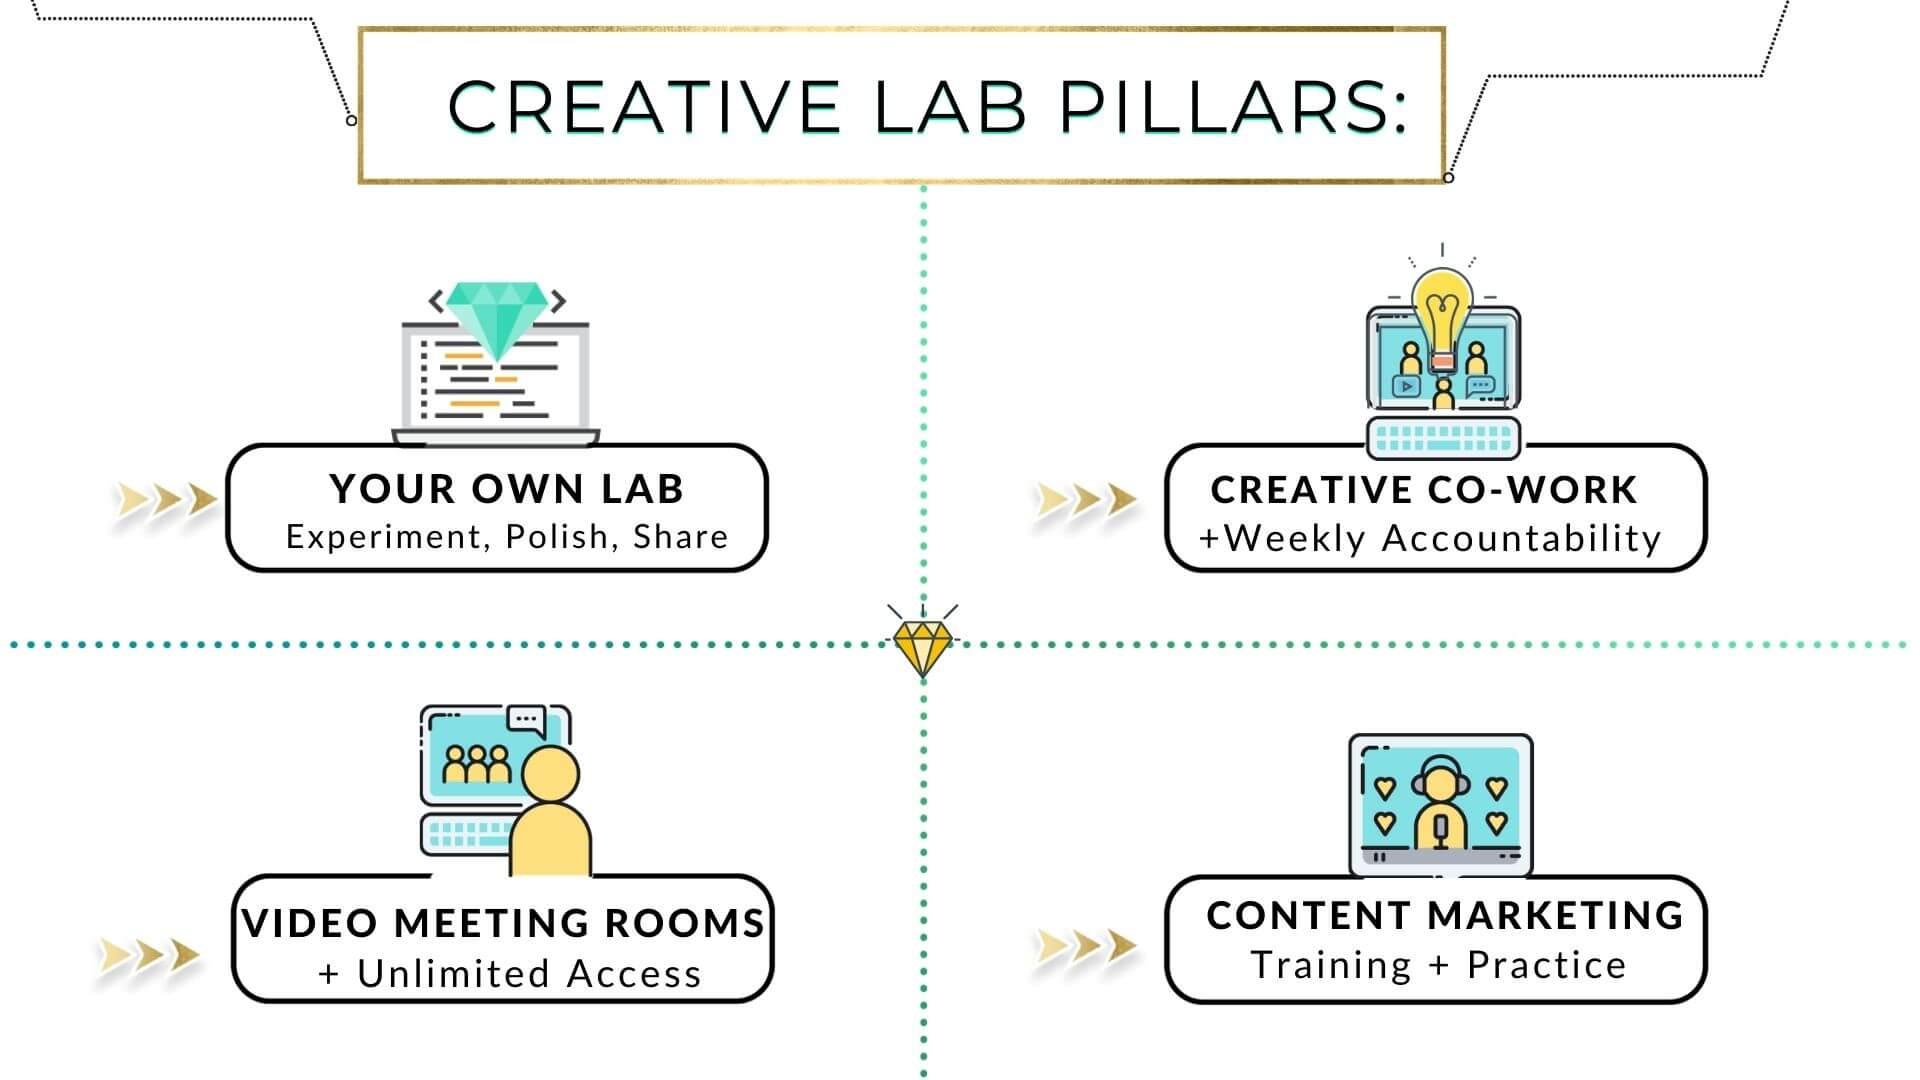 Creative Lab content incubator pillars